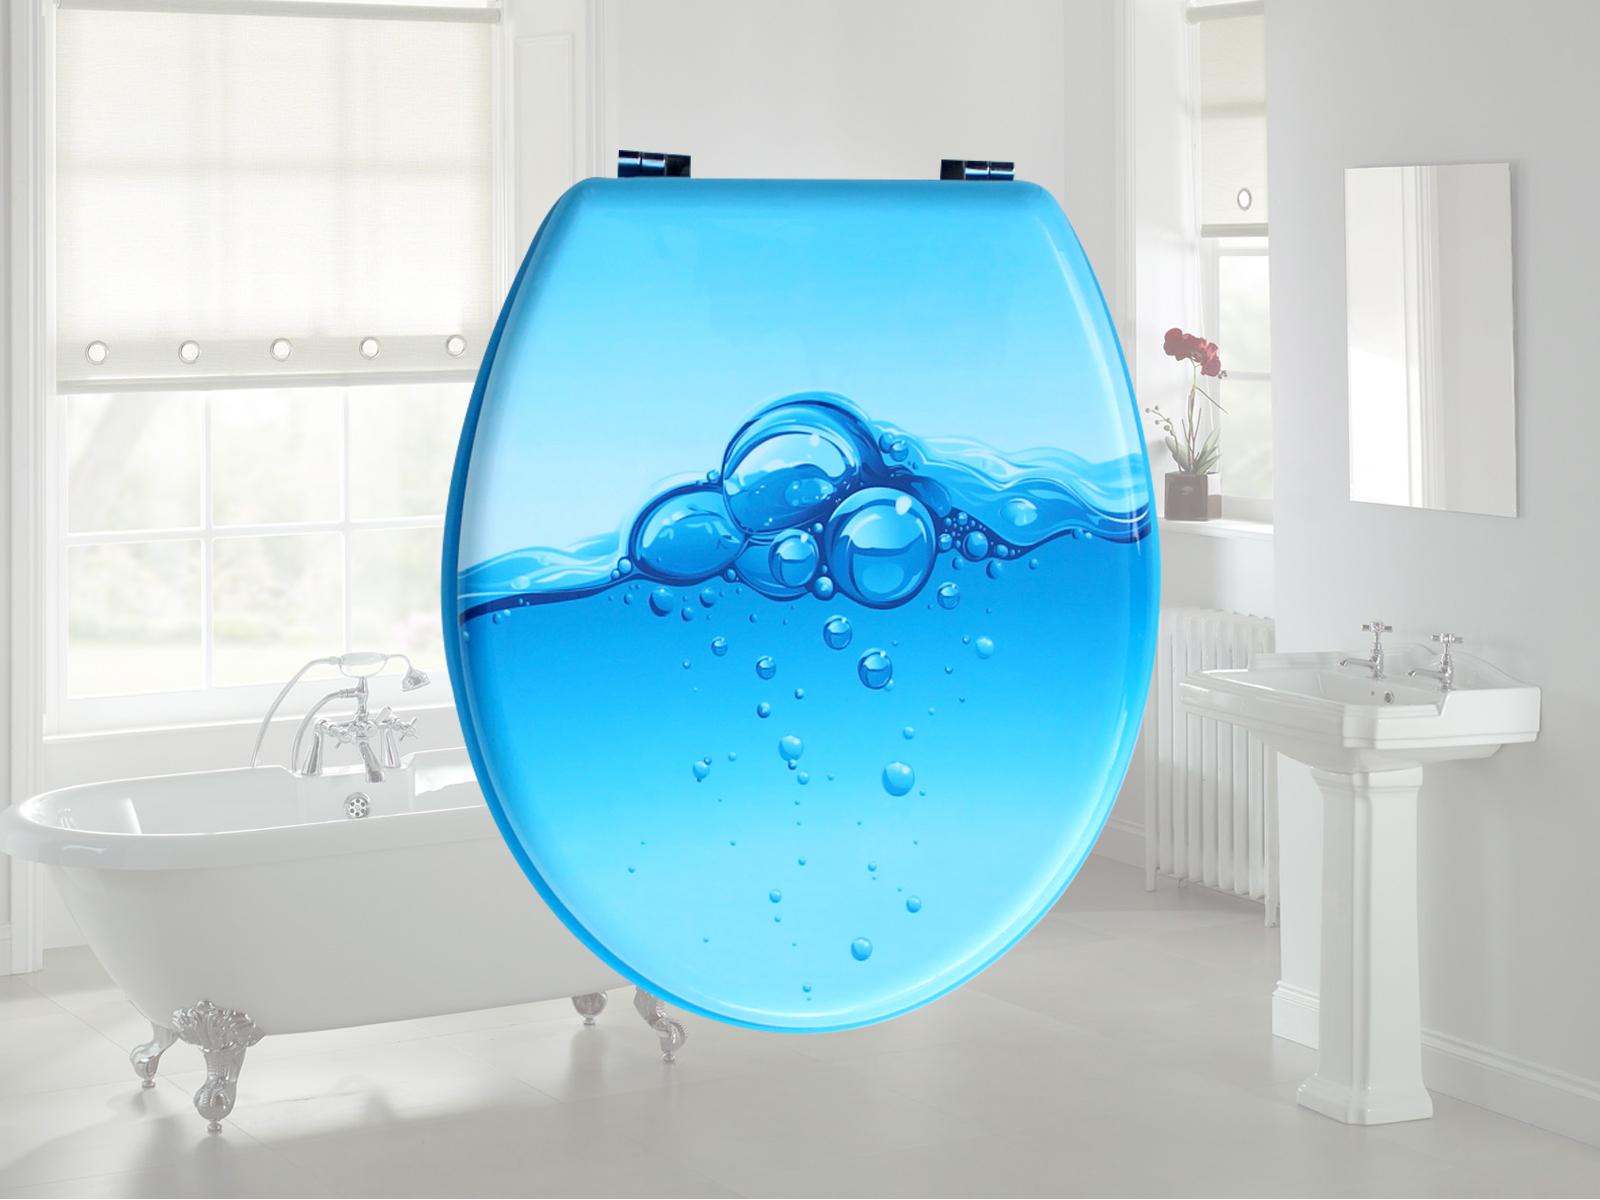 mdf wc sitz toilettendeckel klodeckel klobrille wc deckel toilettensitz brille ebay. Black Bedroom Furniture Sets. Home Design Ideas